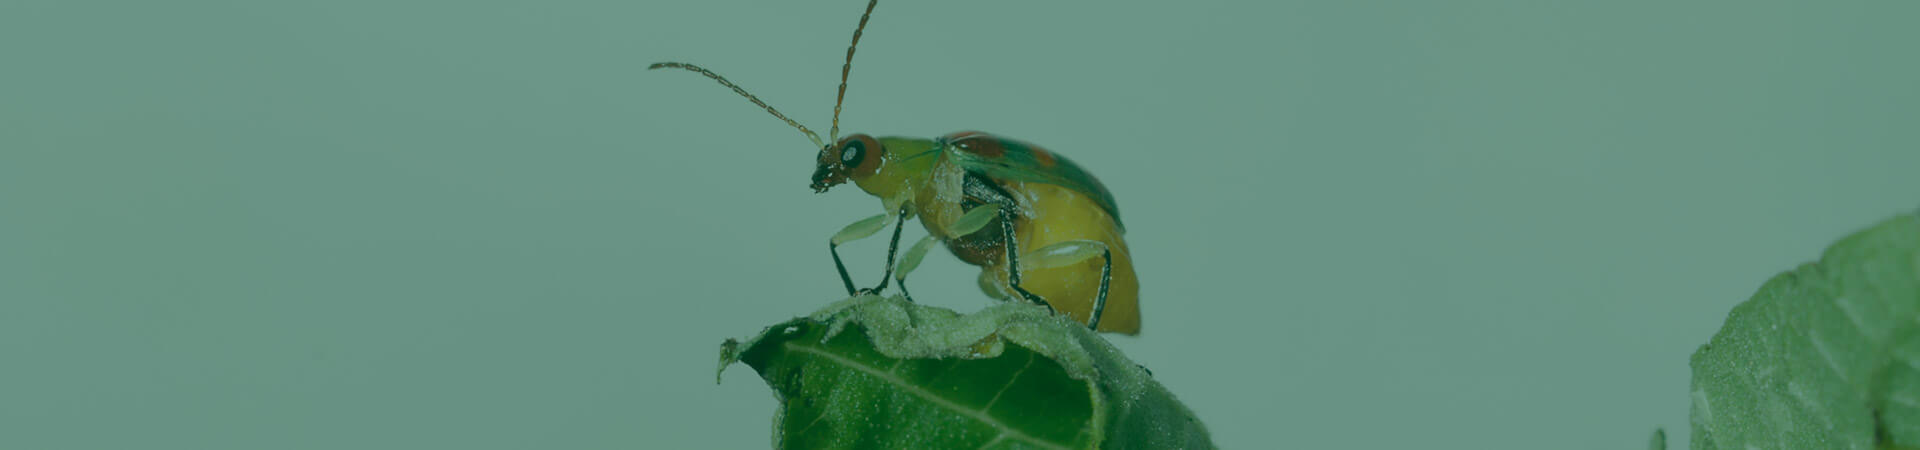 Pensando em insetos fora da caixa: em direção da agricultura do futuro